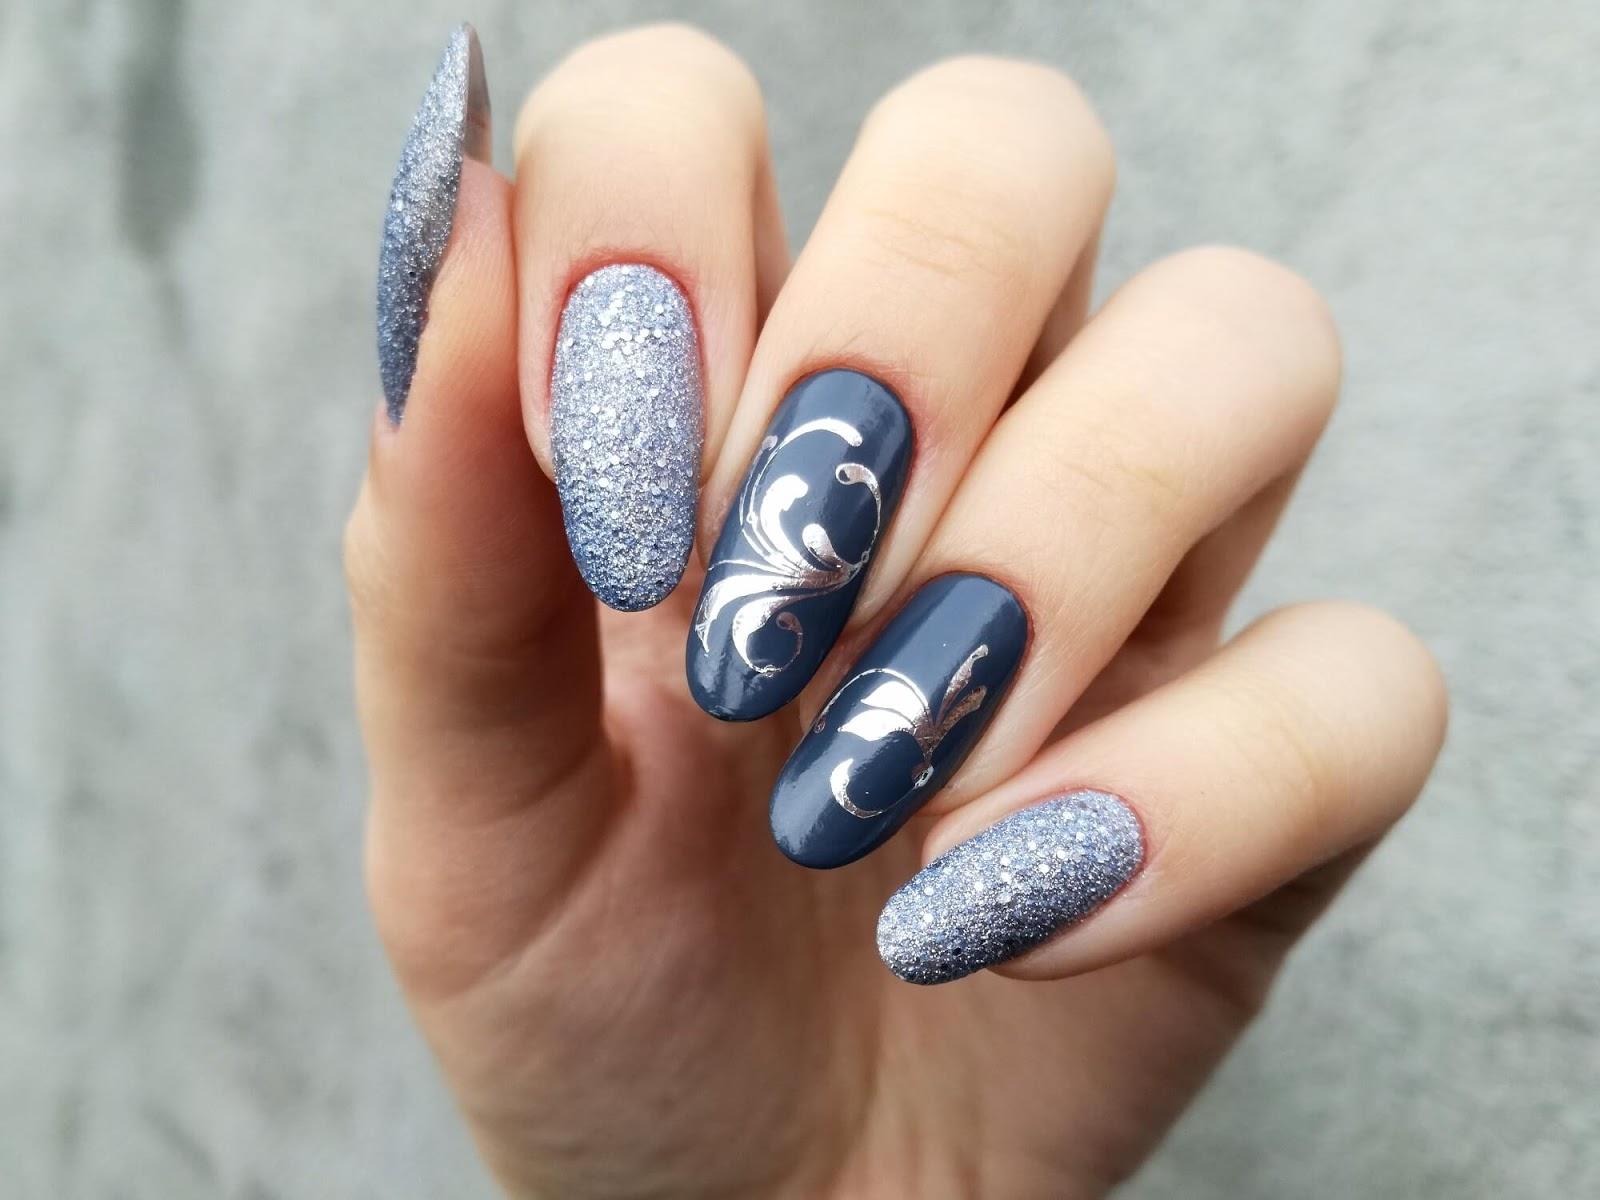 Niebiesko-szare paznokcie ze srebrnym wzorem  - moje zaręczynowe!